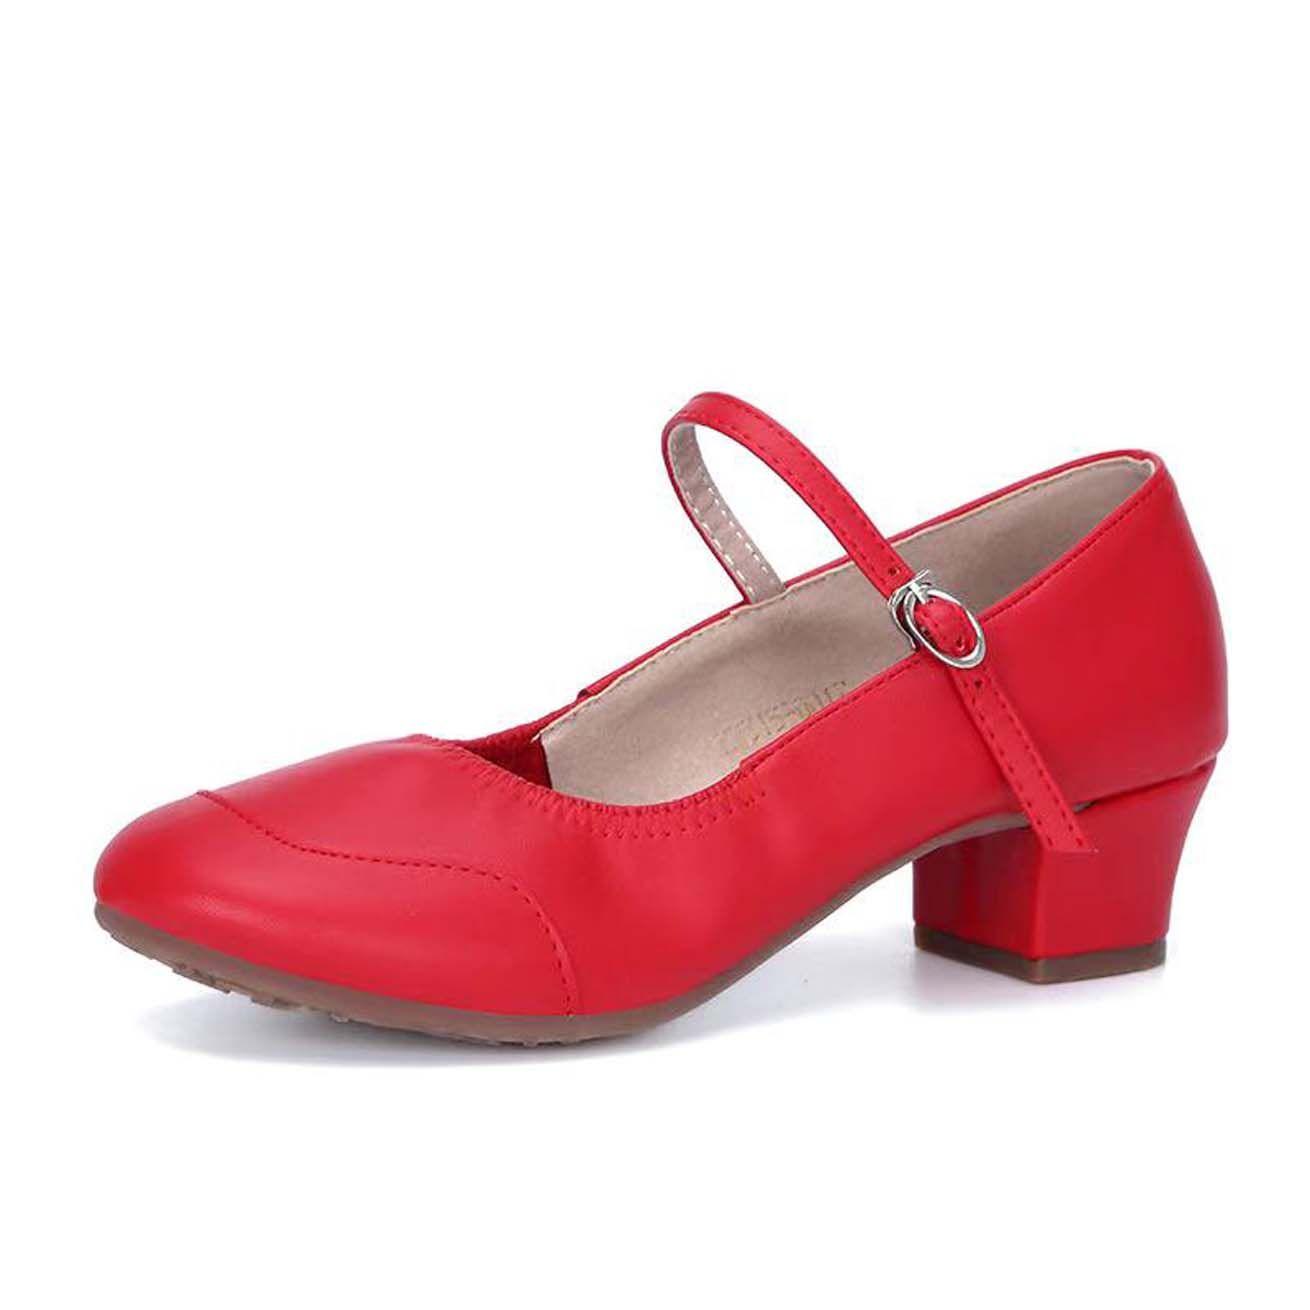 TOP calidad de las mujeres de los hombres zapatillas de deporte de velocidad entrenador de atenuación de bajos plana de la manera del calcetín Botas Casual Speed Trainer zapatos que caminan shoe008 P261